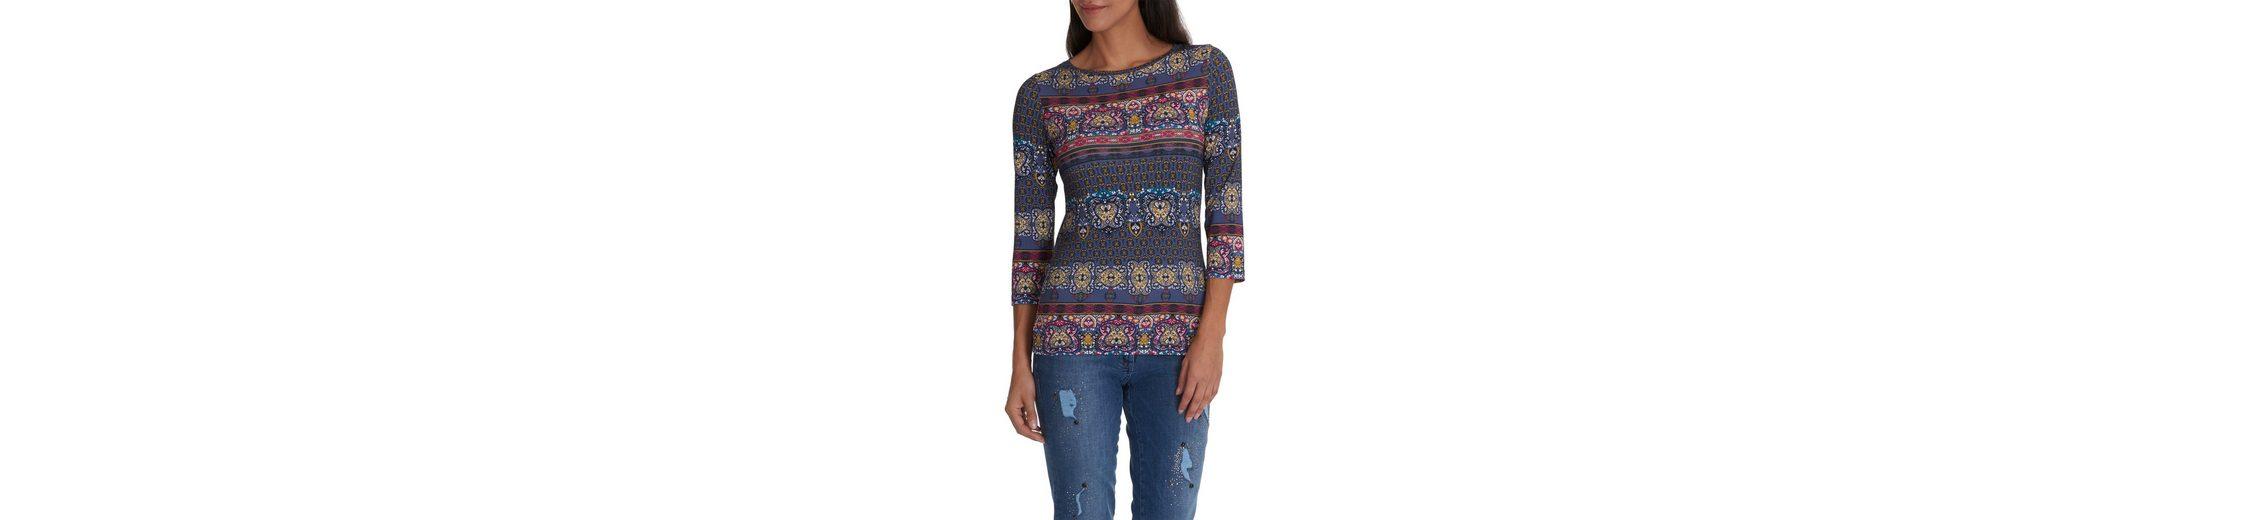 Betty Barclay Shirt mit Allover Muster Billig Verkauf 100% Original aBL4ACO2